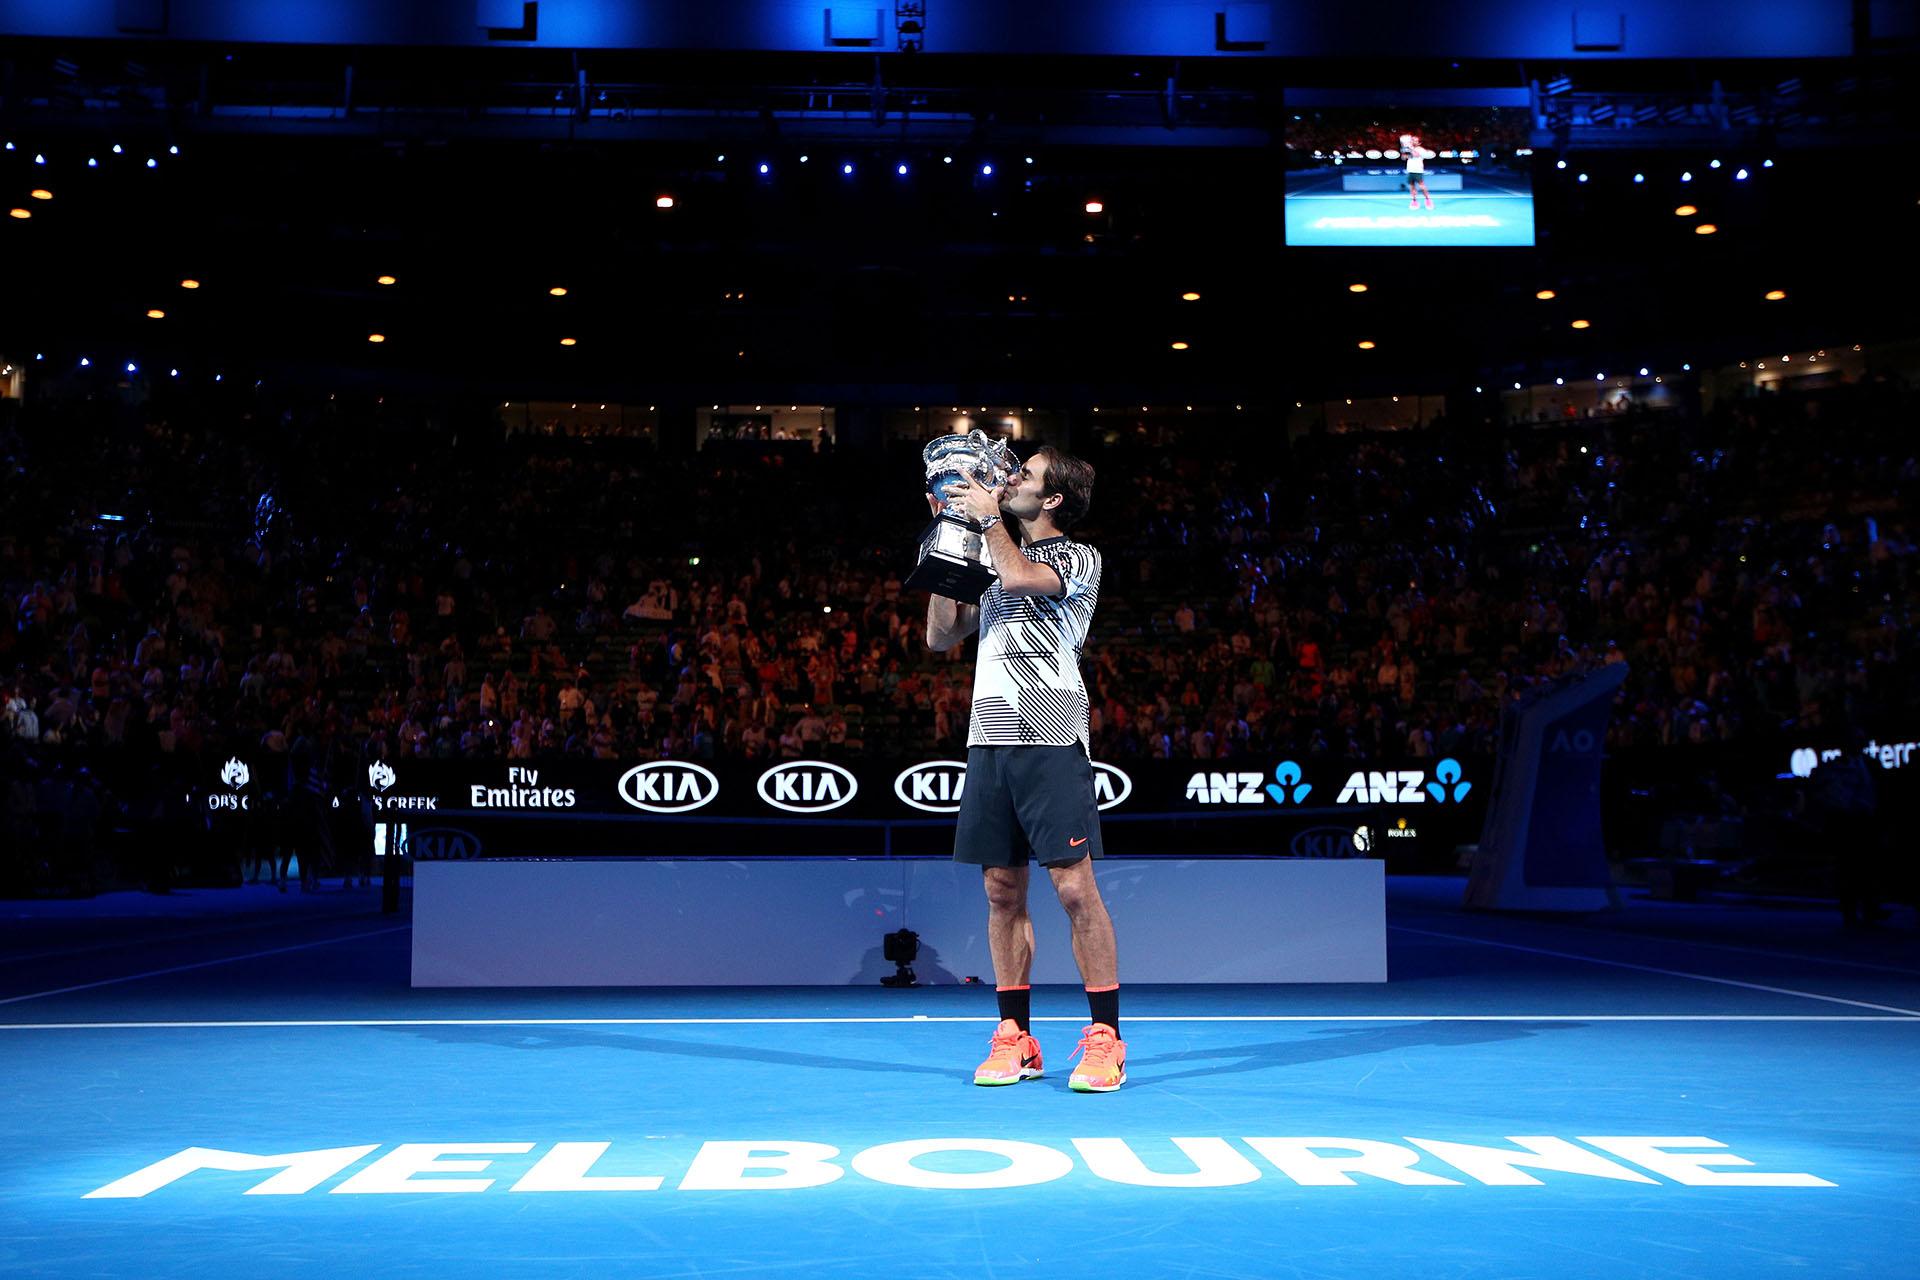 Se cumpliran catorce años del primer Grand Slam que obtuvo el suizo en Wimbledon